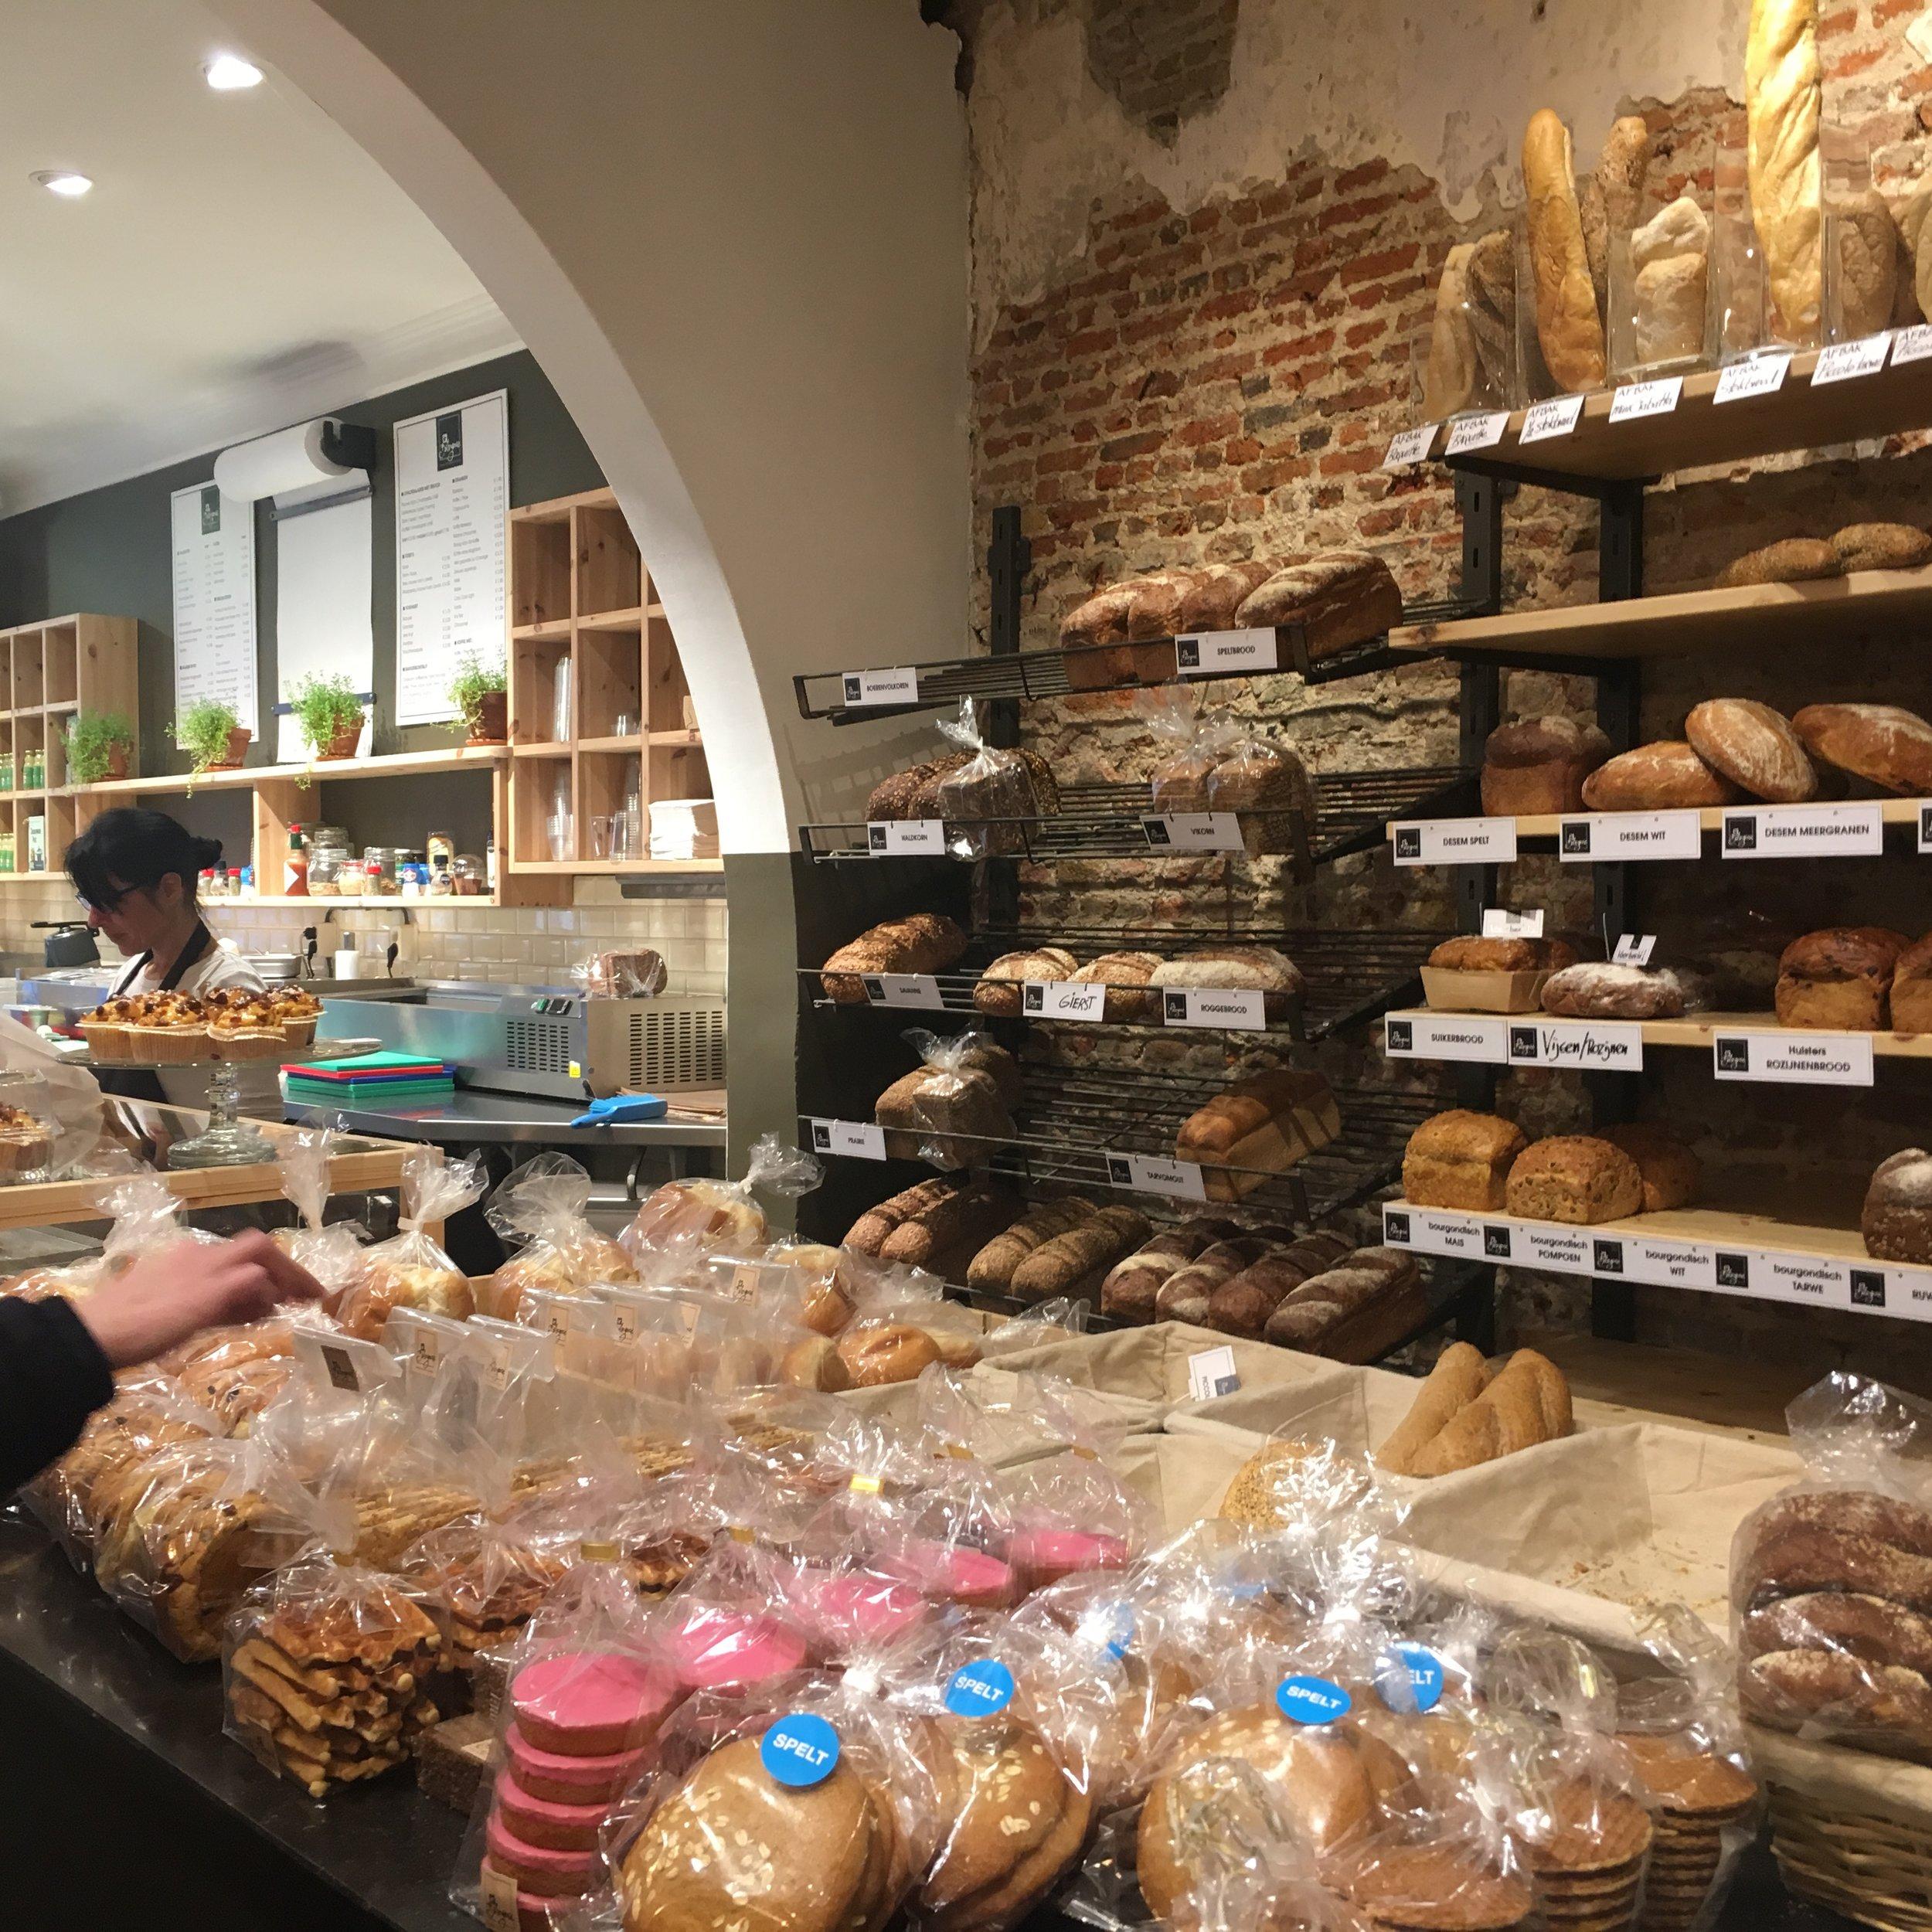 De Boulangerie   Je hebt brood en je hebt brood. Bij  Brood en Banket De Boulangerie  werken echte vaklui als het om ambachtelijke en zoete zaligheden gaat. Brood, taarten, gebakjes en lekkernijtjes die met oog voor detail zijn gemaakt. Een feest om naar te kijken. Een nog groter feest om op te eten! -  Gentsestraat 12, 4561 EJ Hulst, 0114 312 360